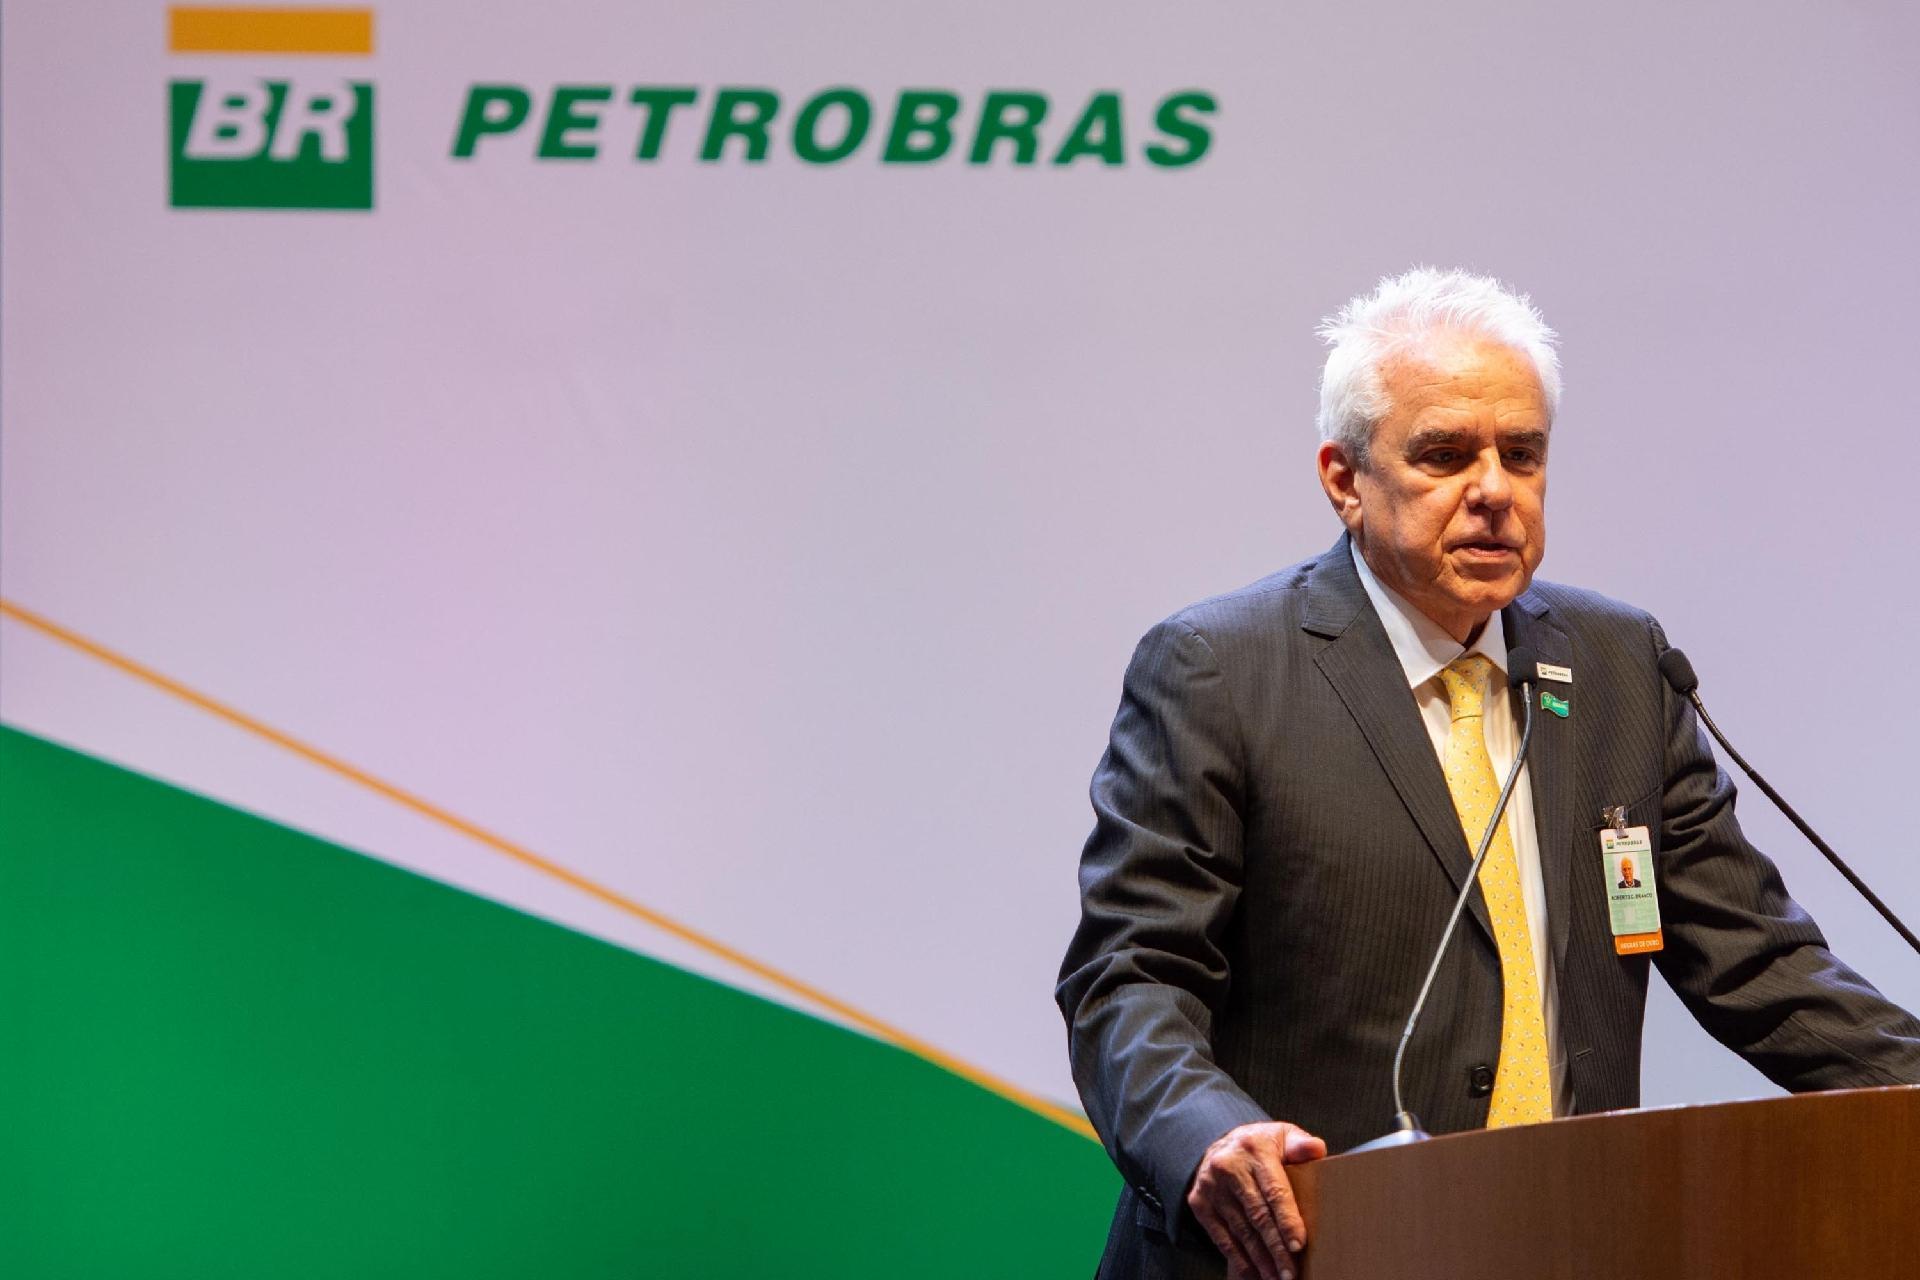 Resultado de imagem para Rio de Janeiro tem 'oportunidade ímpar' de se recuperar com o petróleo, diz presidente da Petrobras